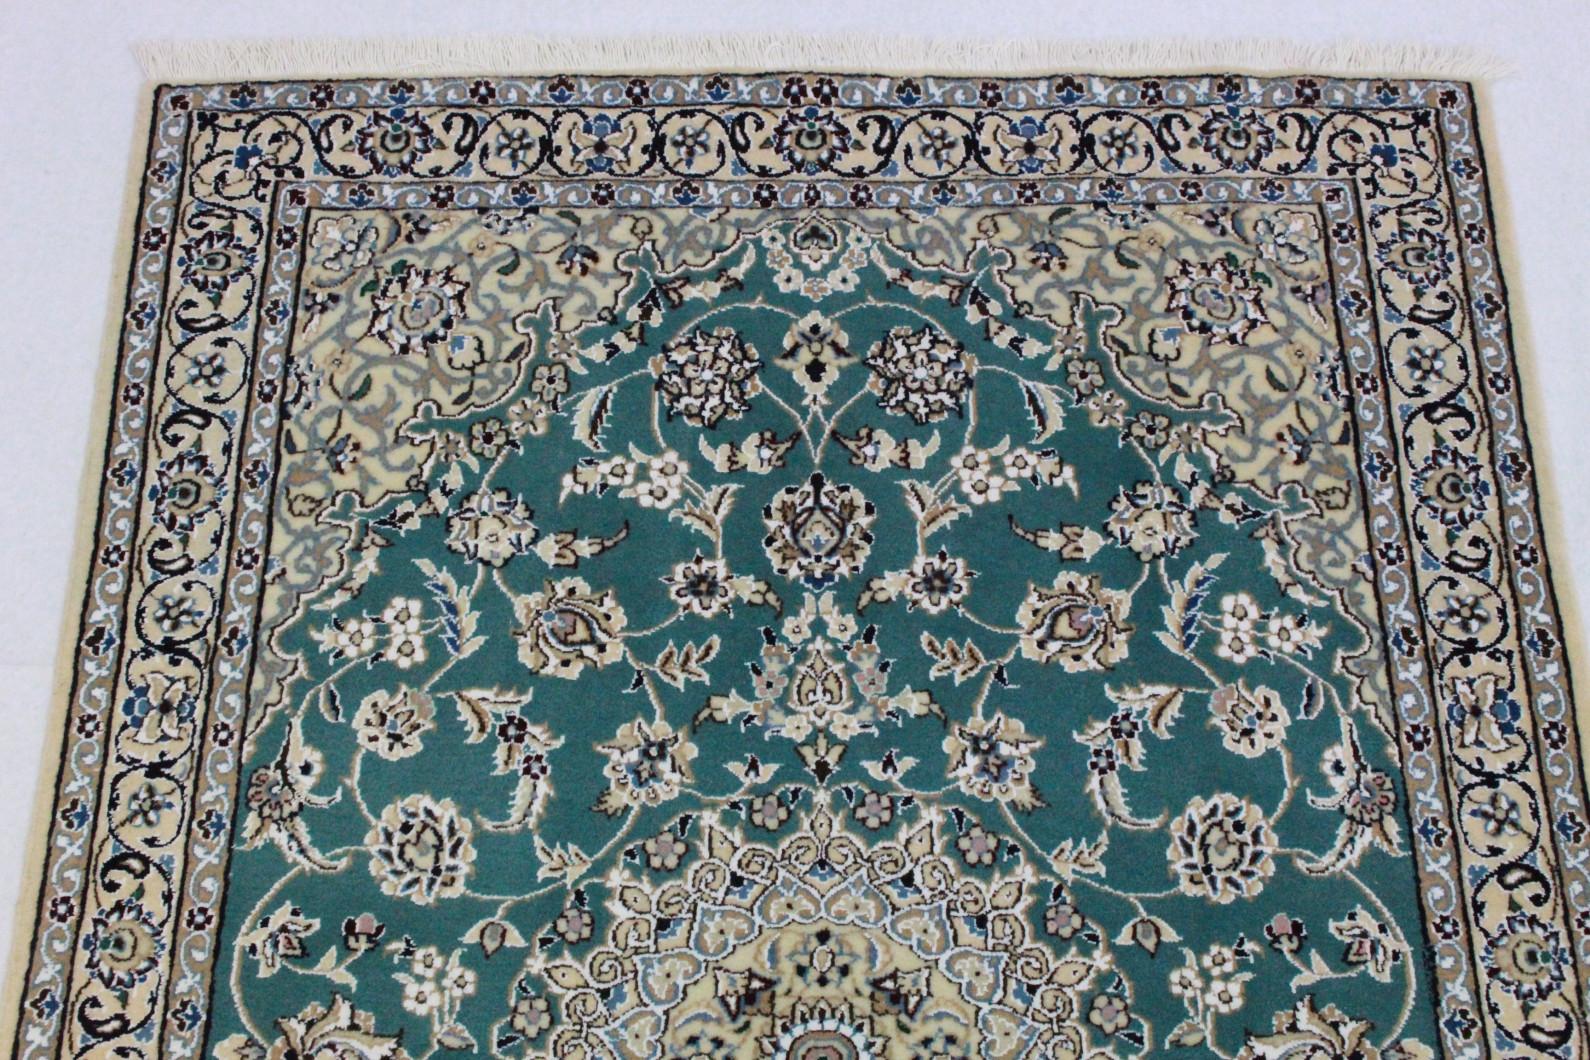 Orientteppich türkis  Nain Teppich Beige Blau Türkis in 150x110 (5120-23477) bei ...